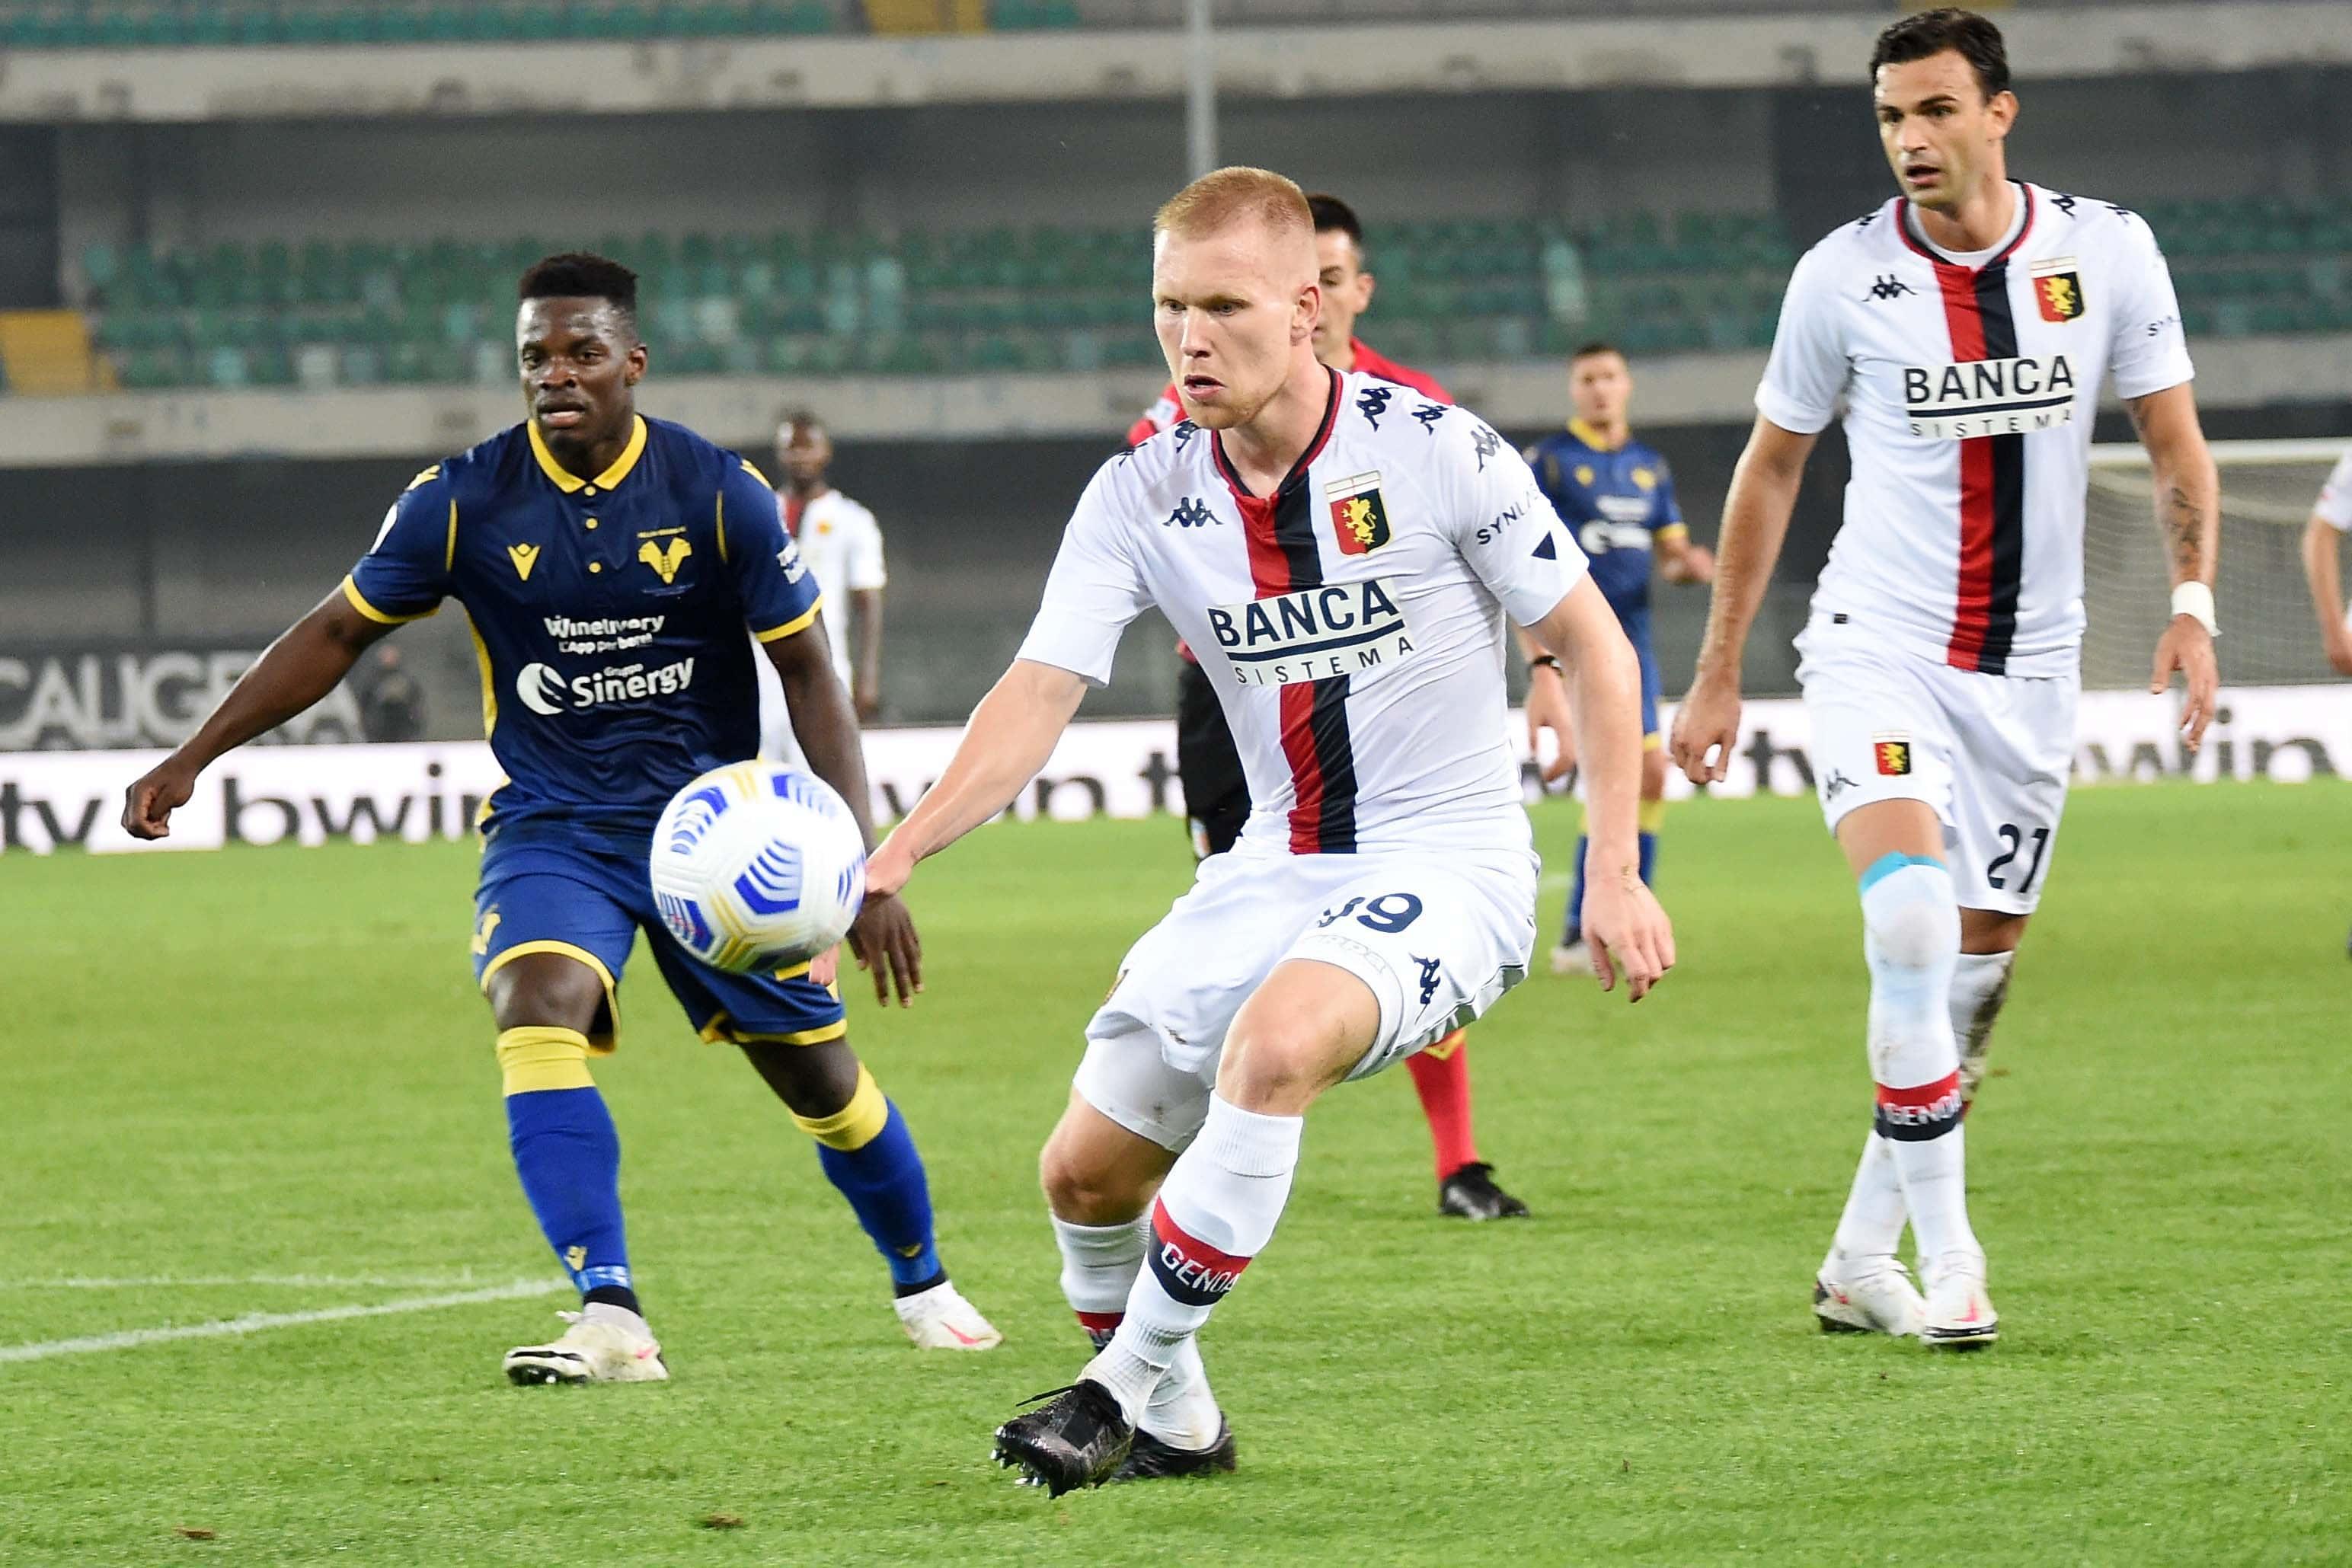 Verona-Genoa 0-0 di Serie A in diretta live: occasione per Pandev